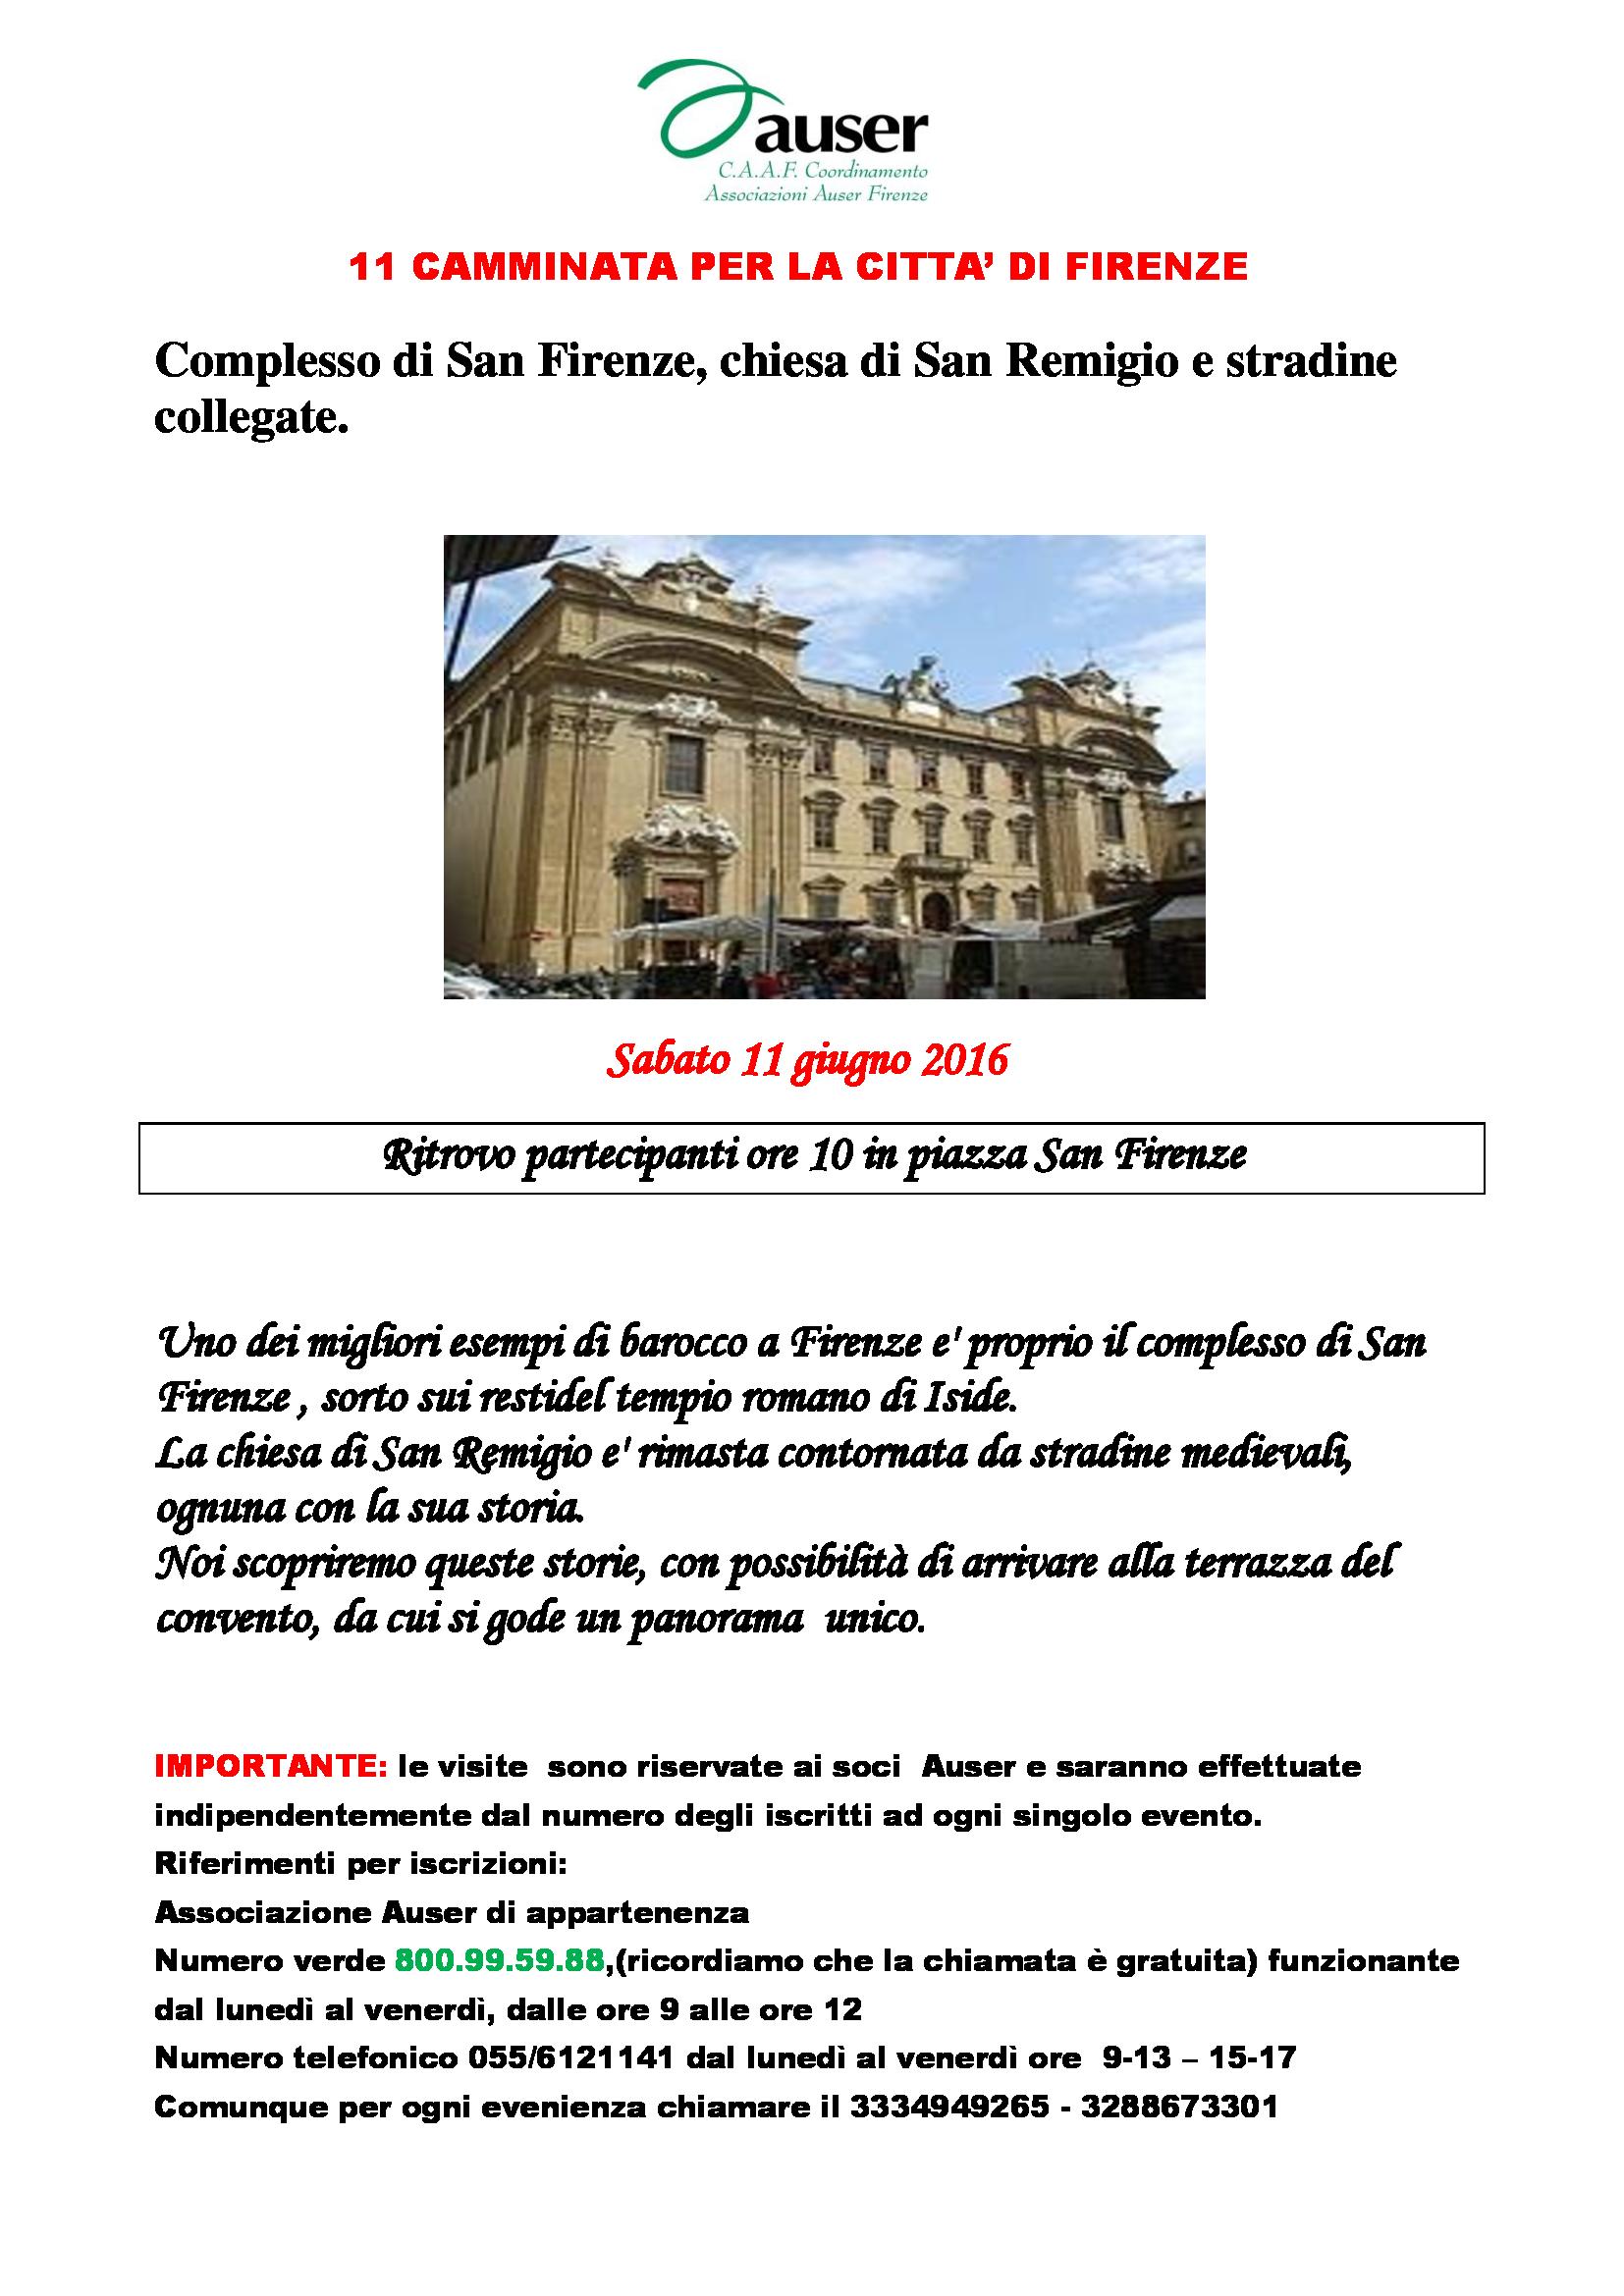 visita-in-citta-Firenze-Piazza-San-FirenzeD